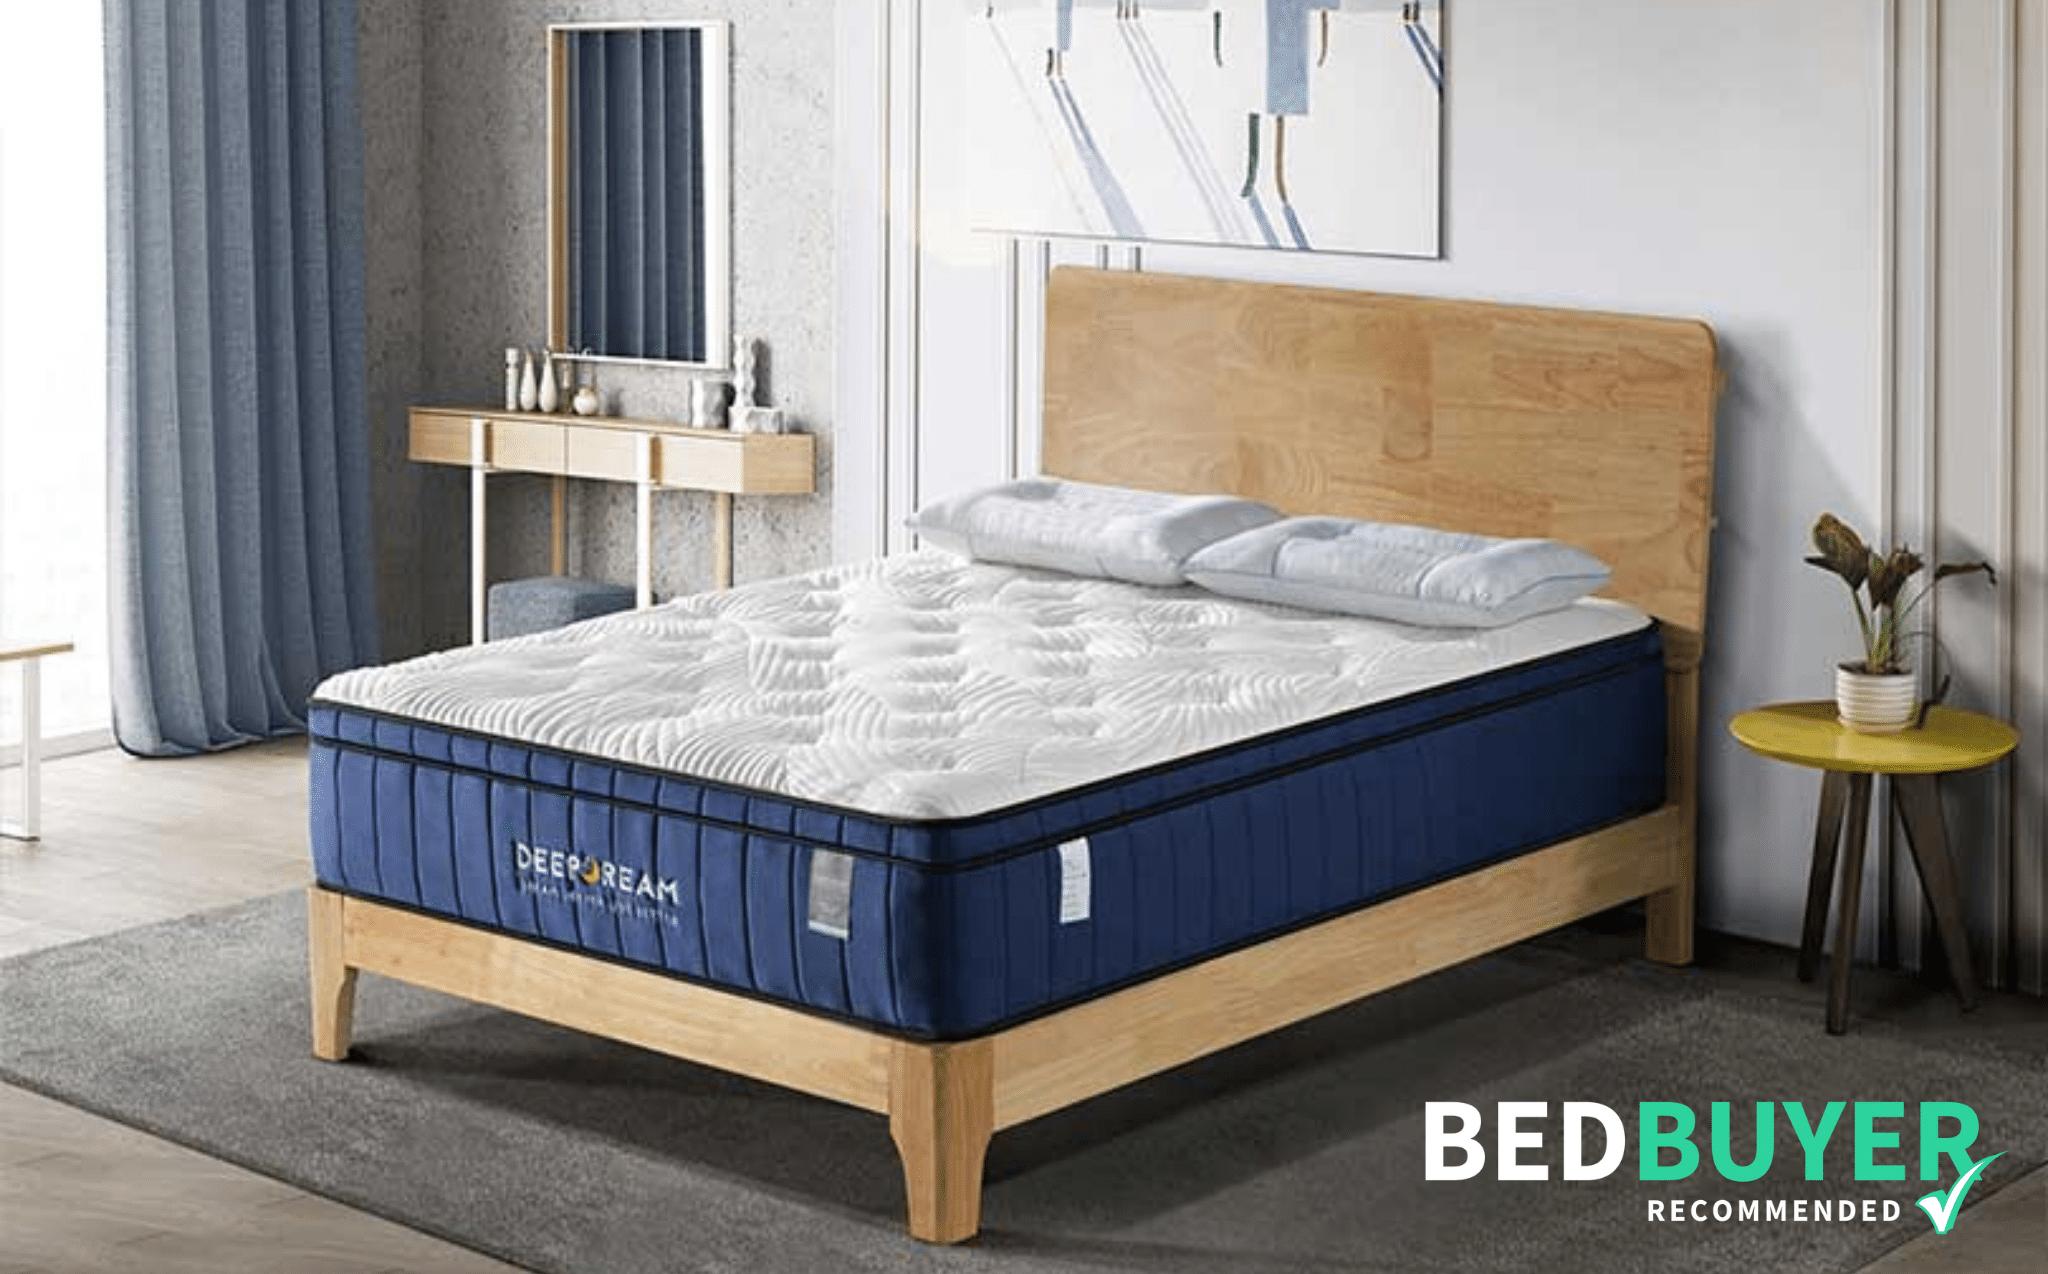 Deep Dream Premium Mattress